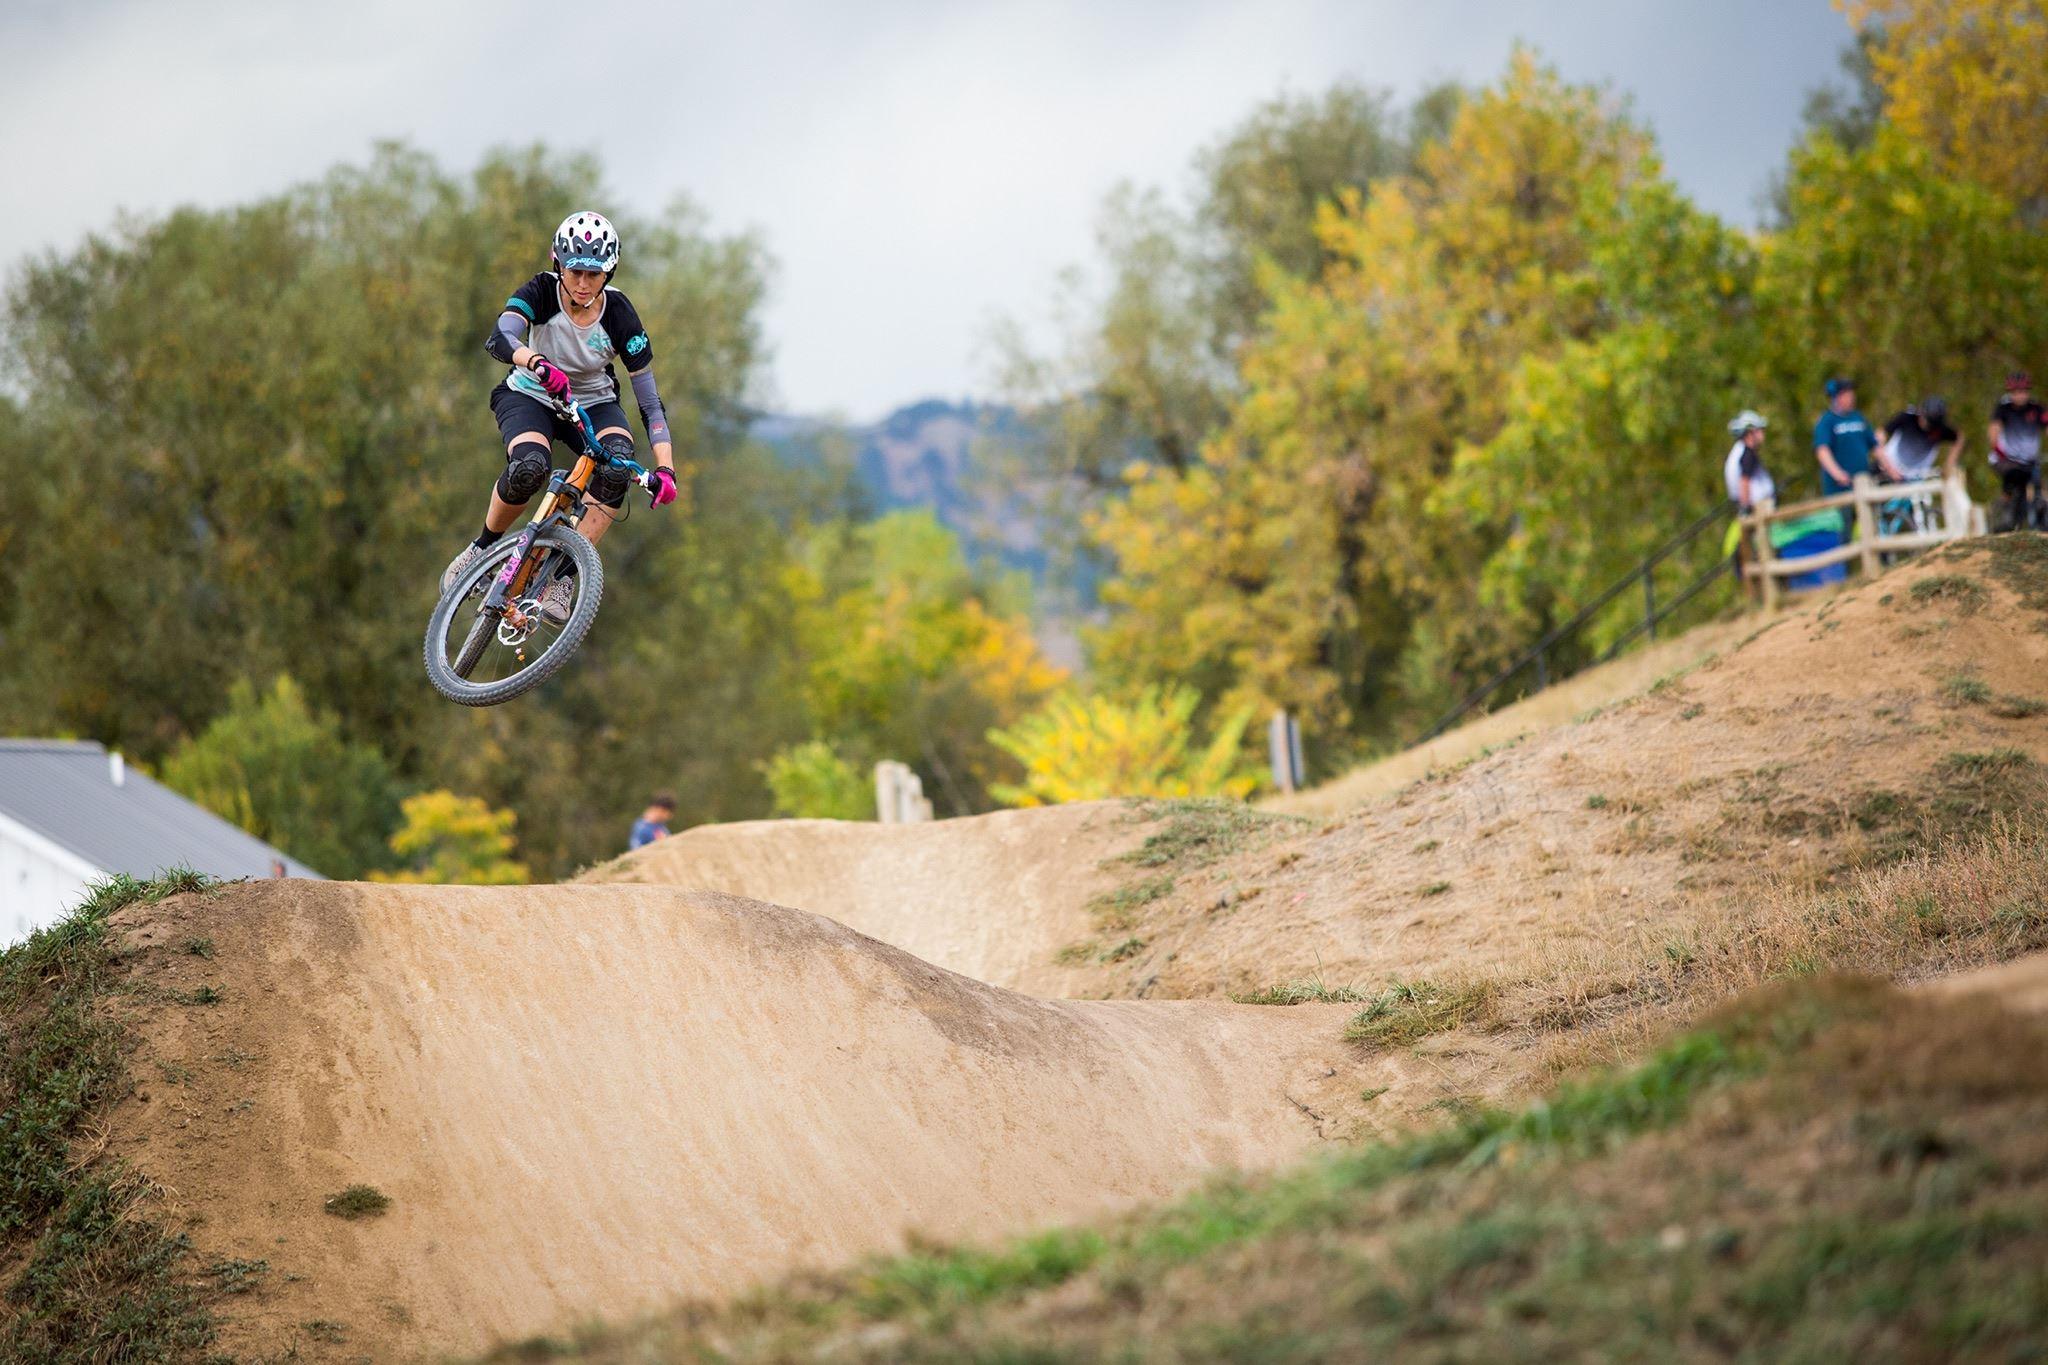 Kat Sweet Jumping at Valmont Bike Park